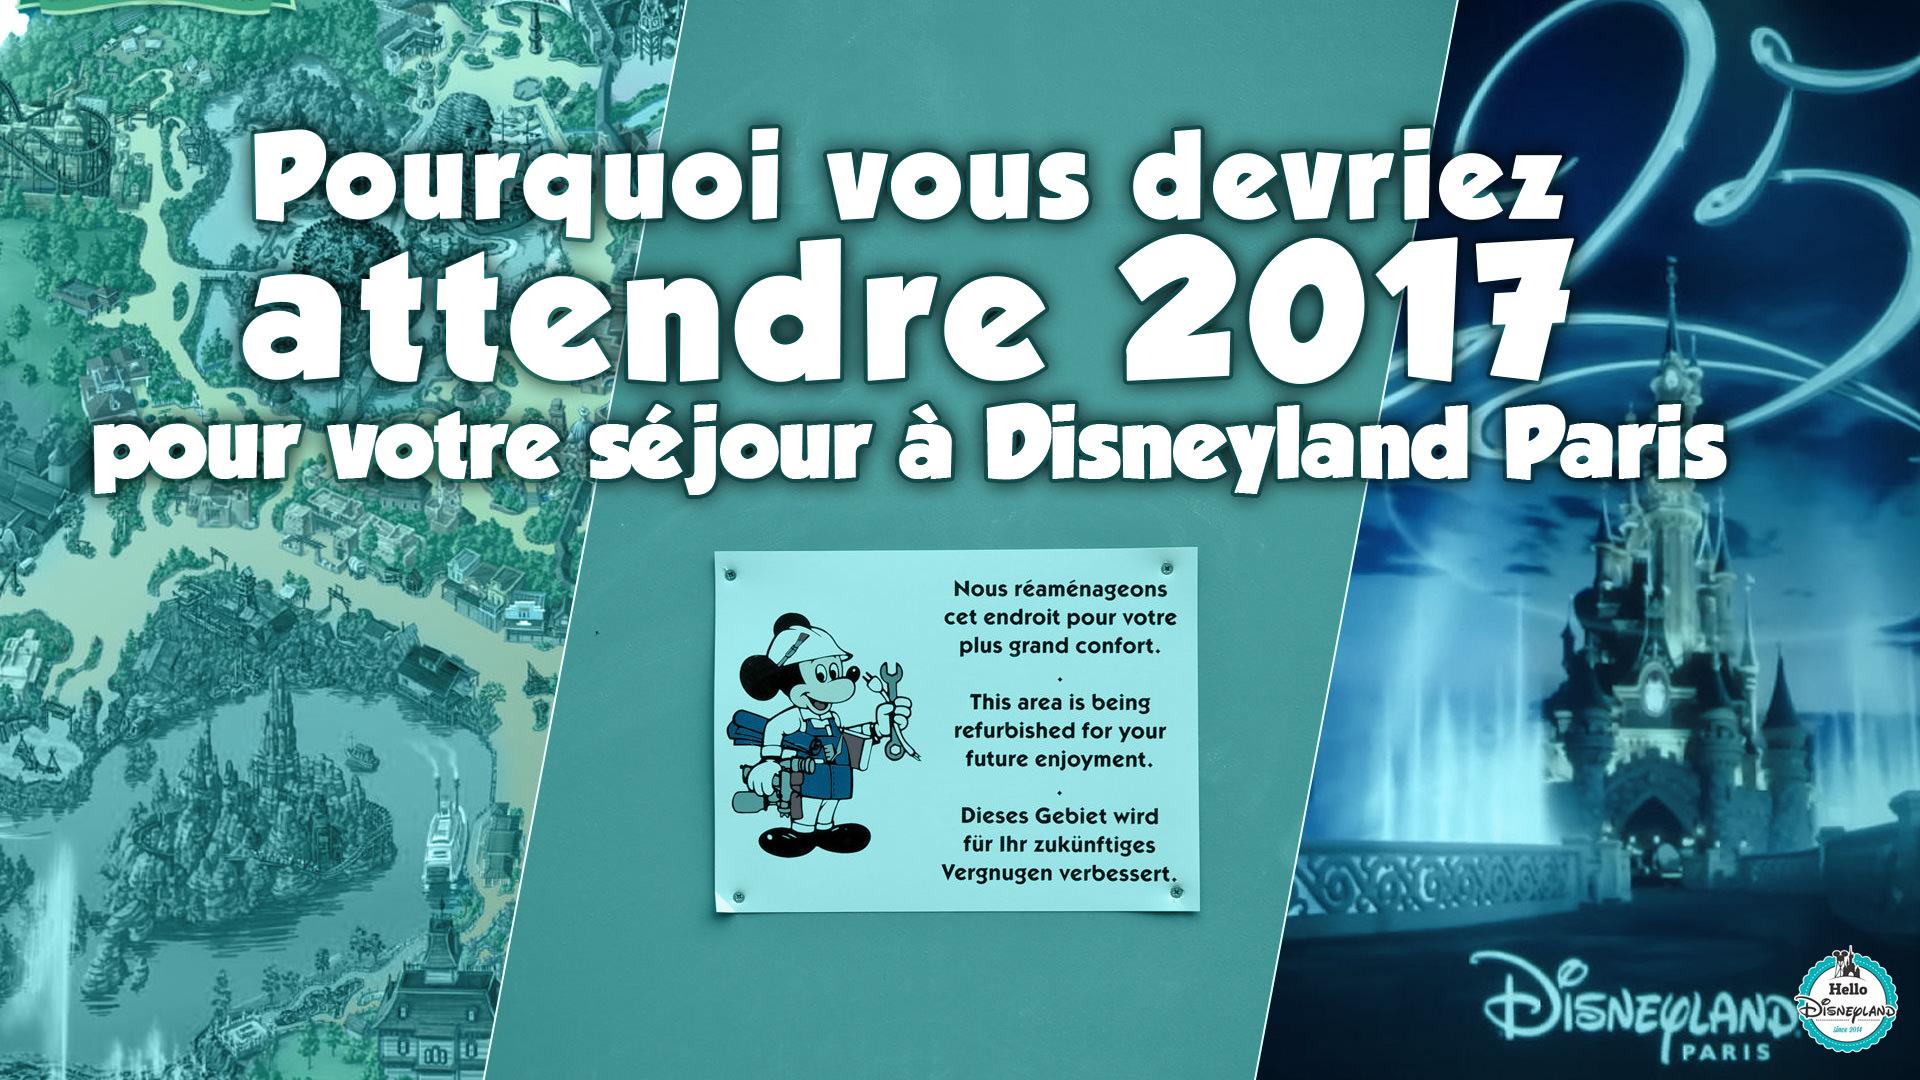 Hello disneyland le blog n 1 sur disneyland paris pourquoi vous devriez attendre 2017 avant - Disneyland paris noel 2017 ...